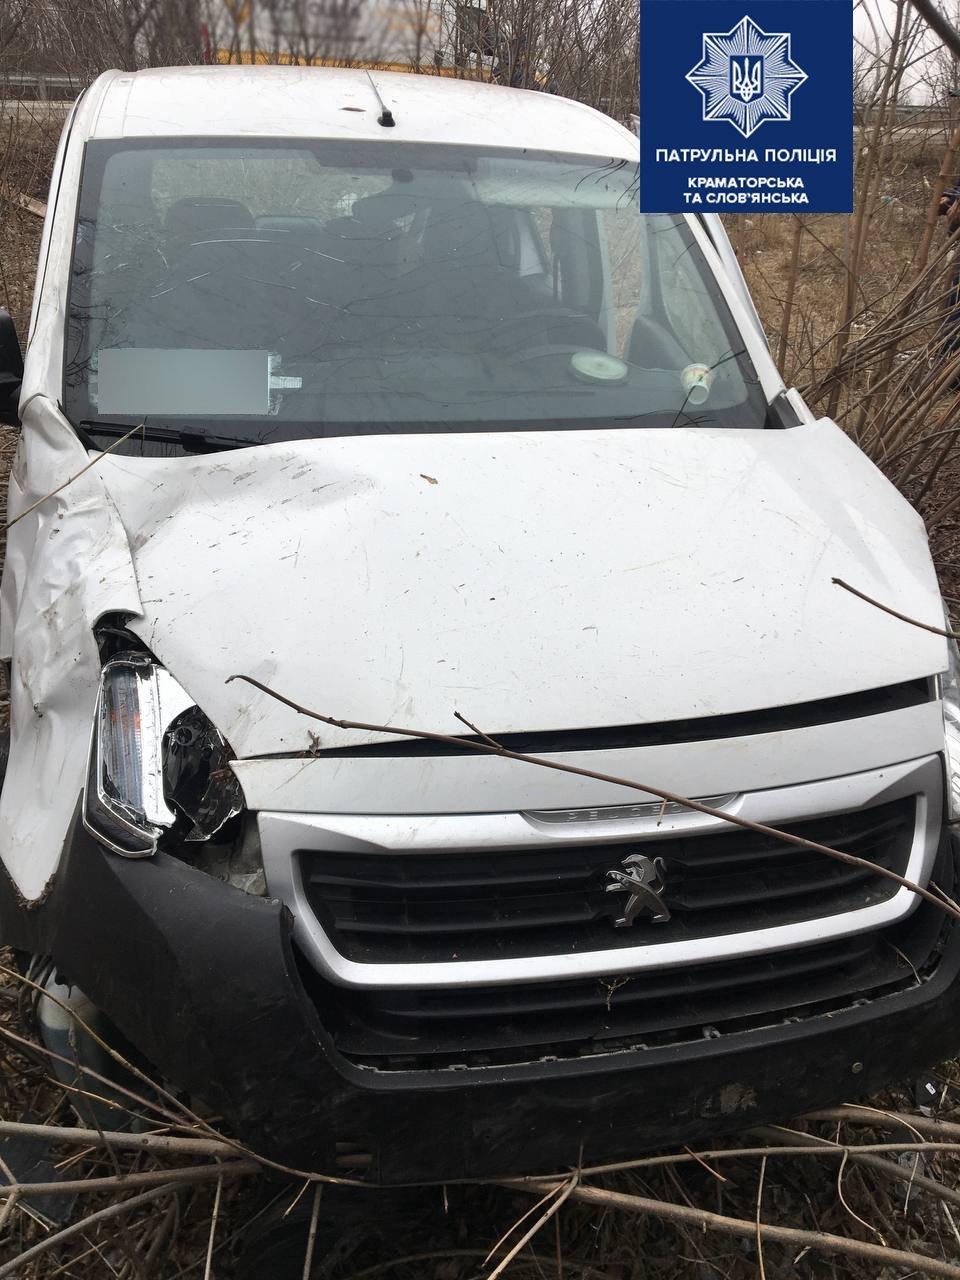 Шахраї, крадіжки та аварії - що сталося у Слов'янську за тиждень, фото-3